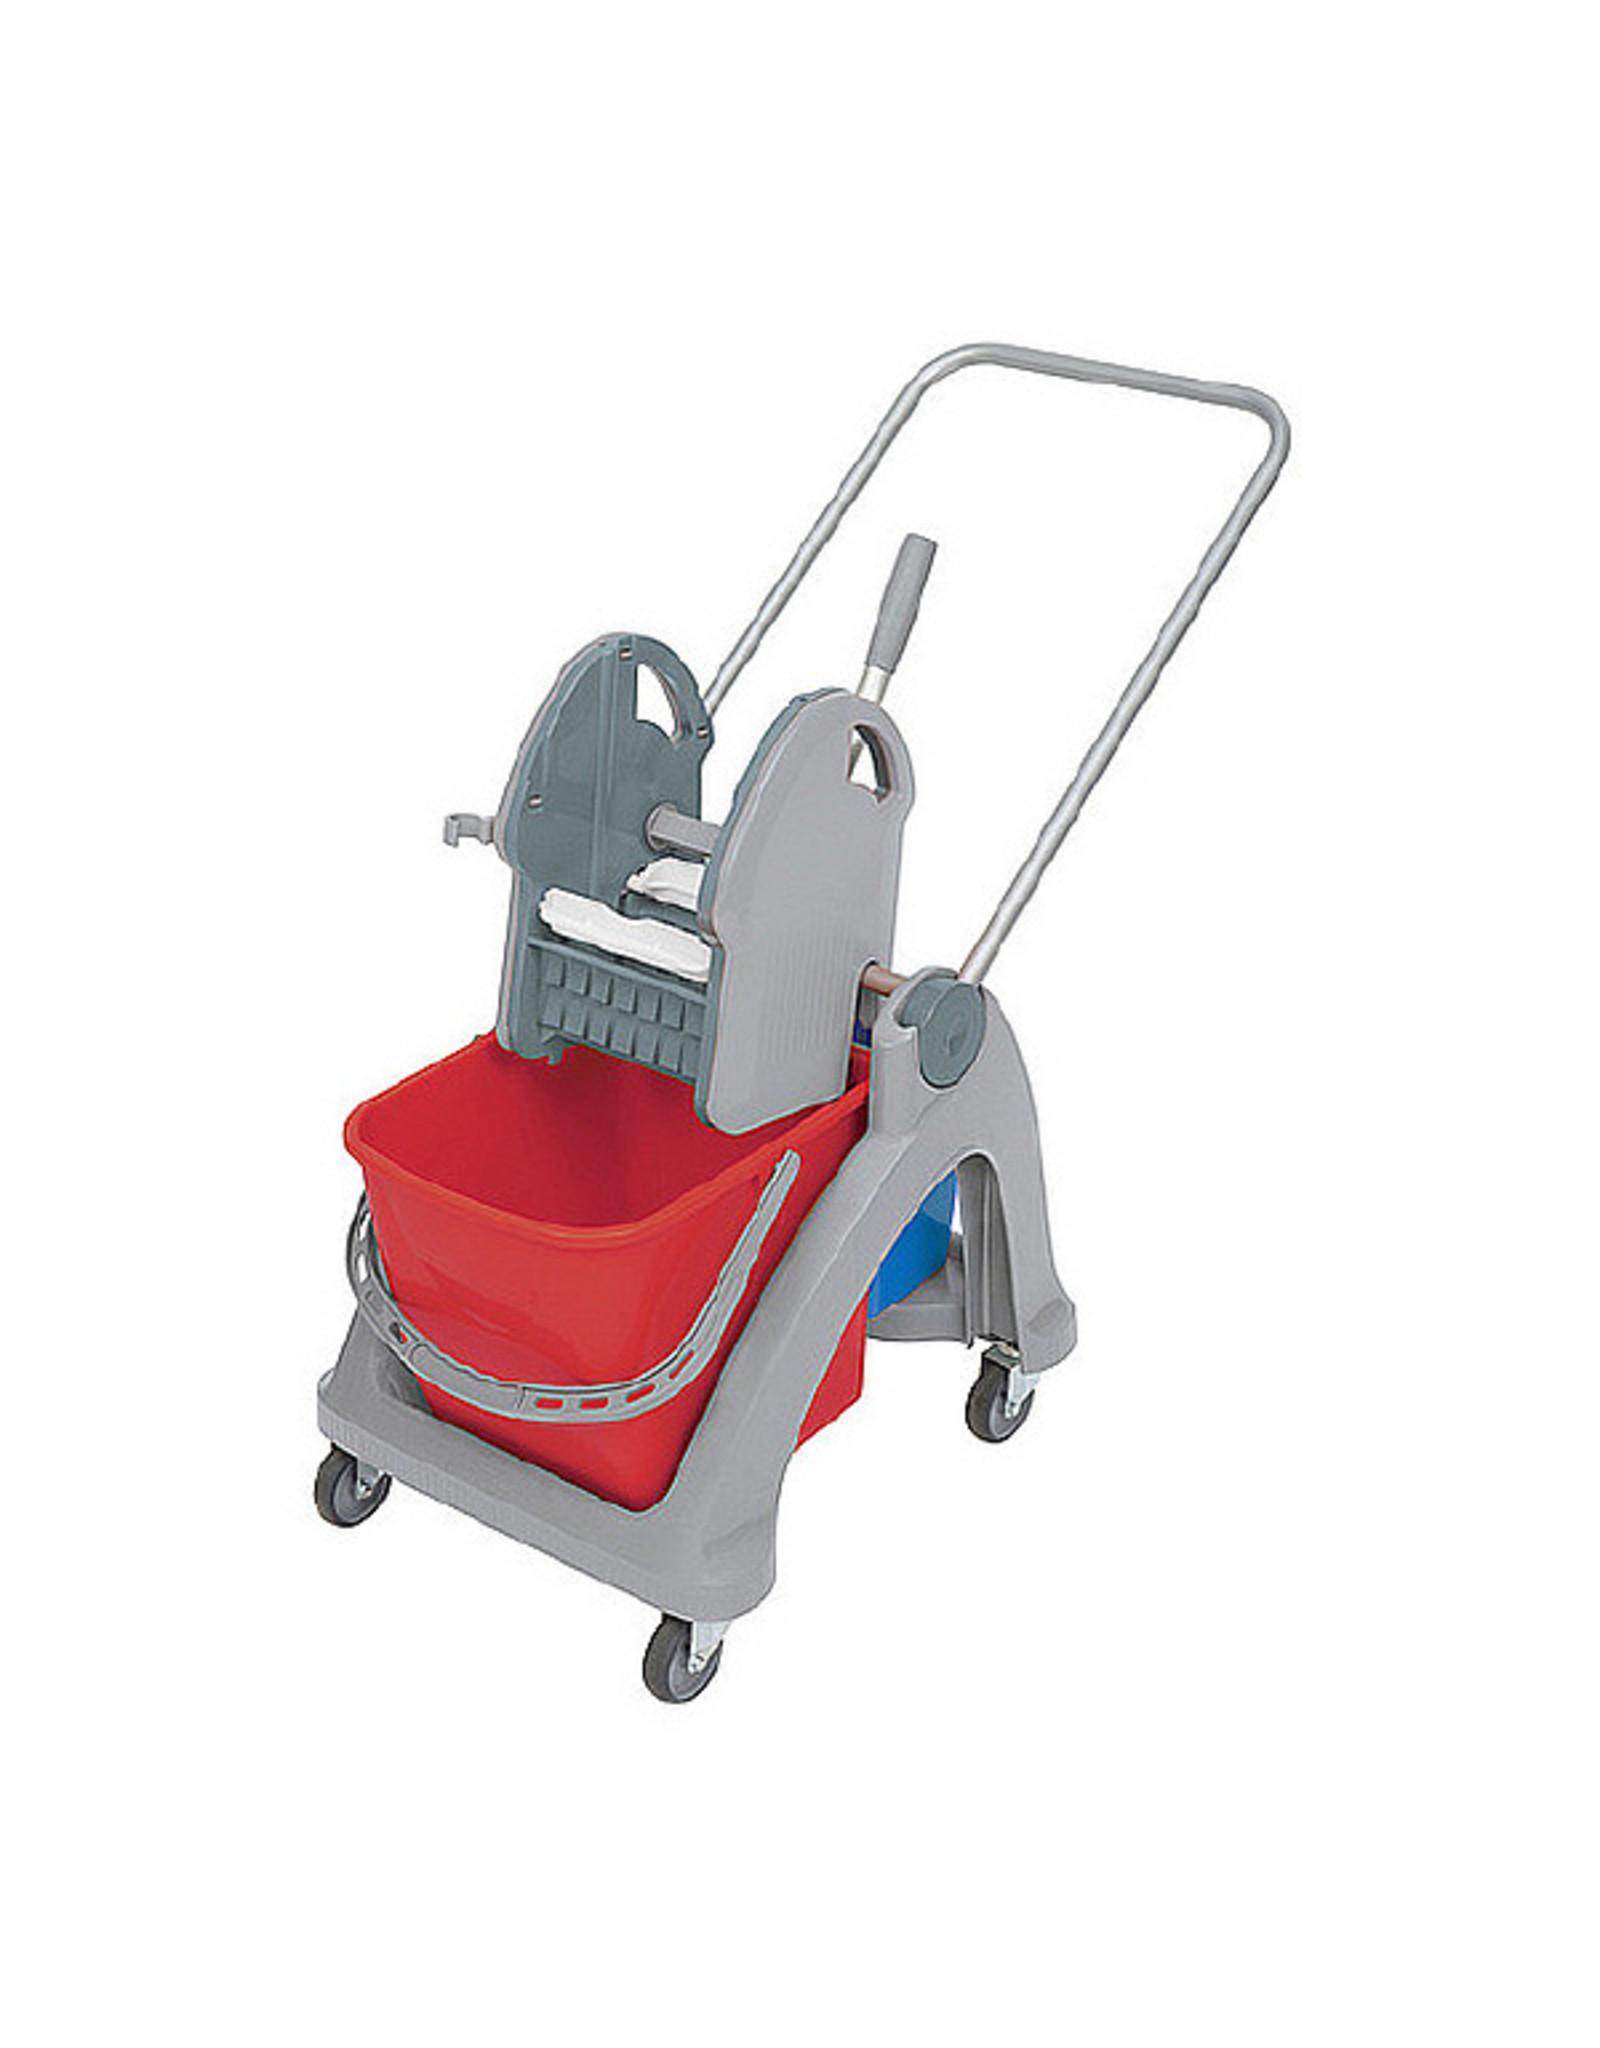 ACOR Rolemmer Eastmop 25 liter met extra 5 liter emmer, compleet met pers, duwbeugel. (Splats)